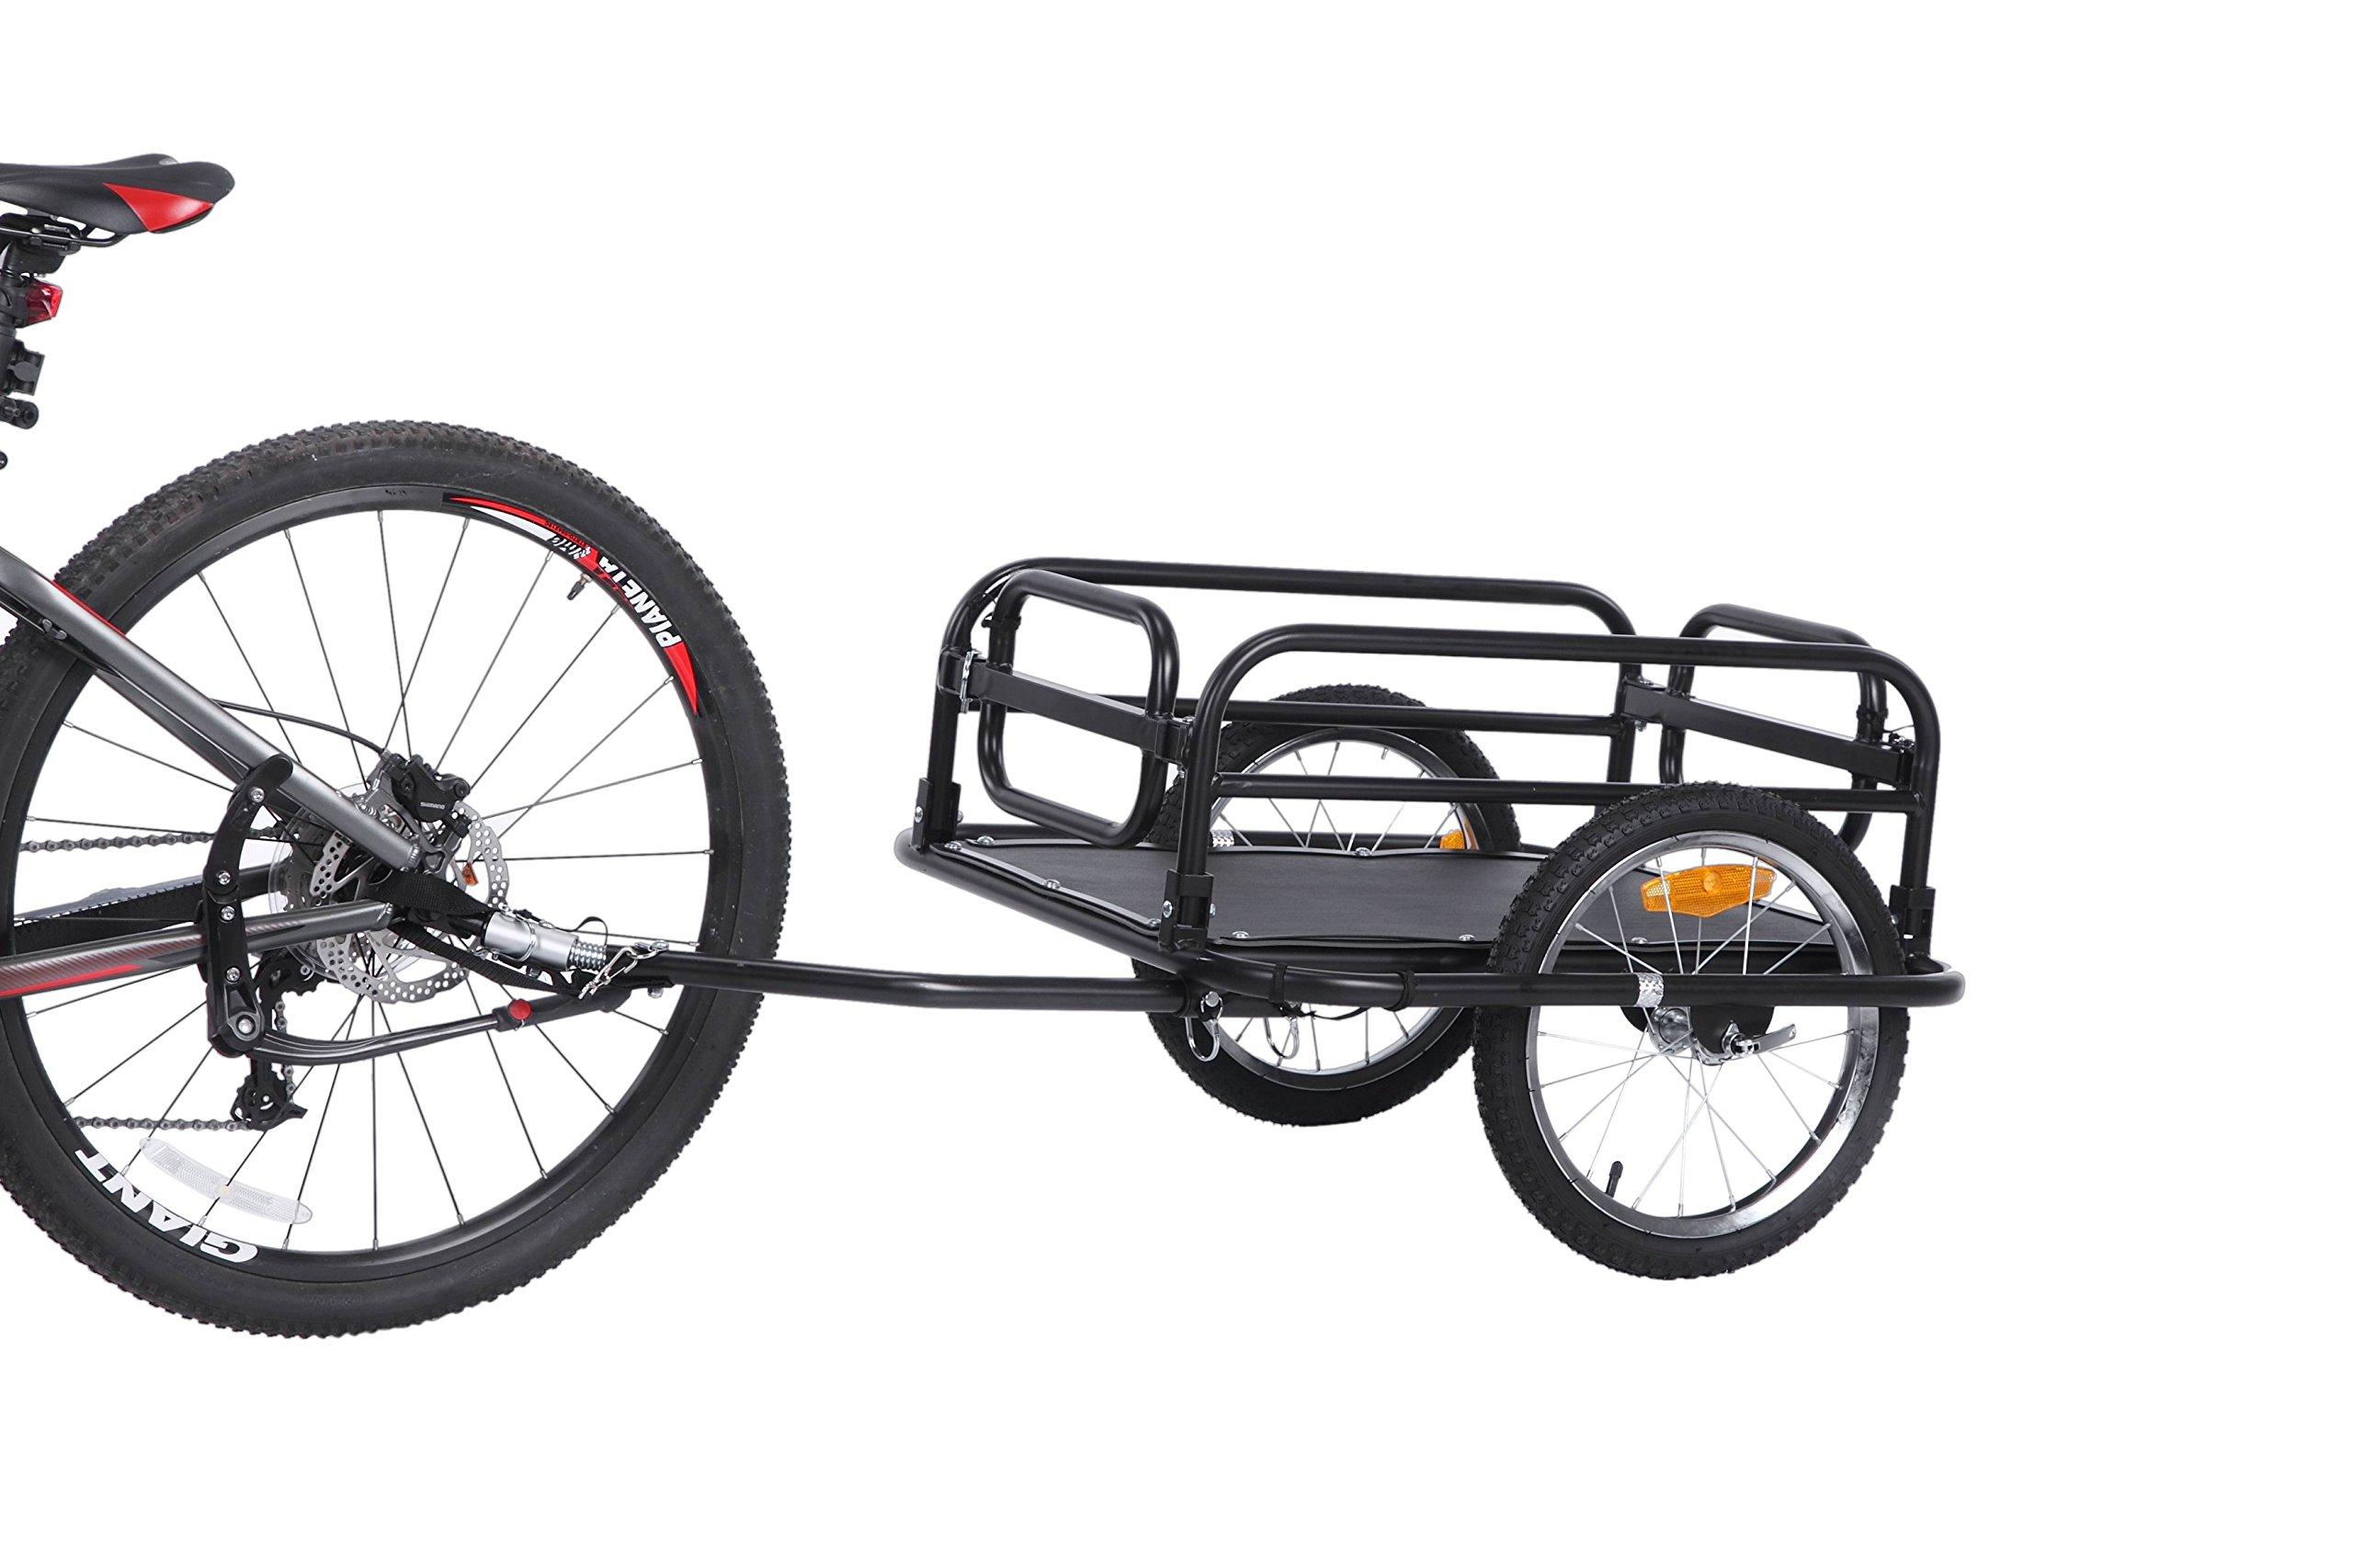 Sepnine Foldable Bicycle Cargo Trailer Large Sized 20300